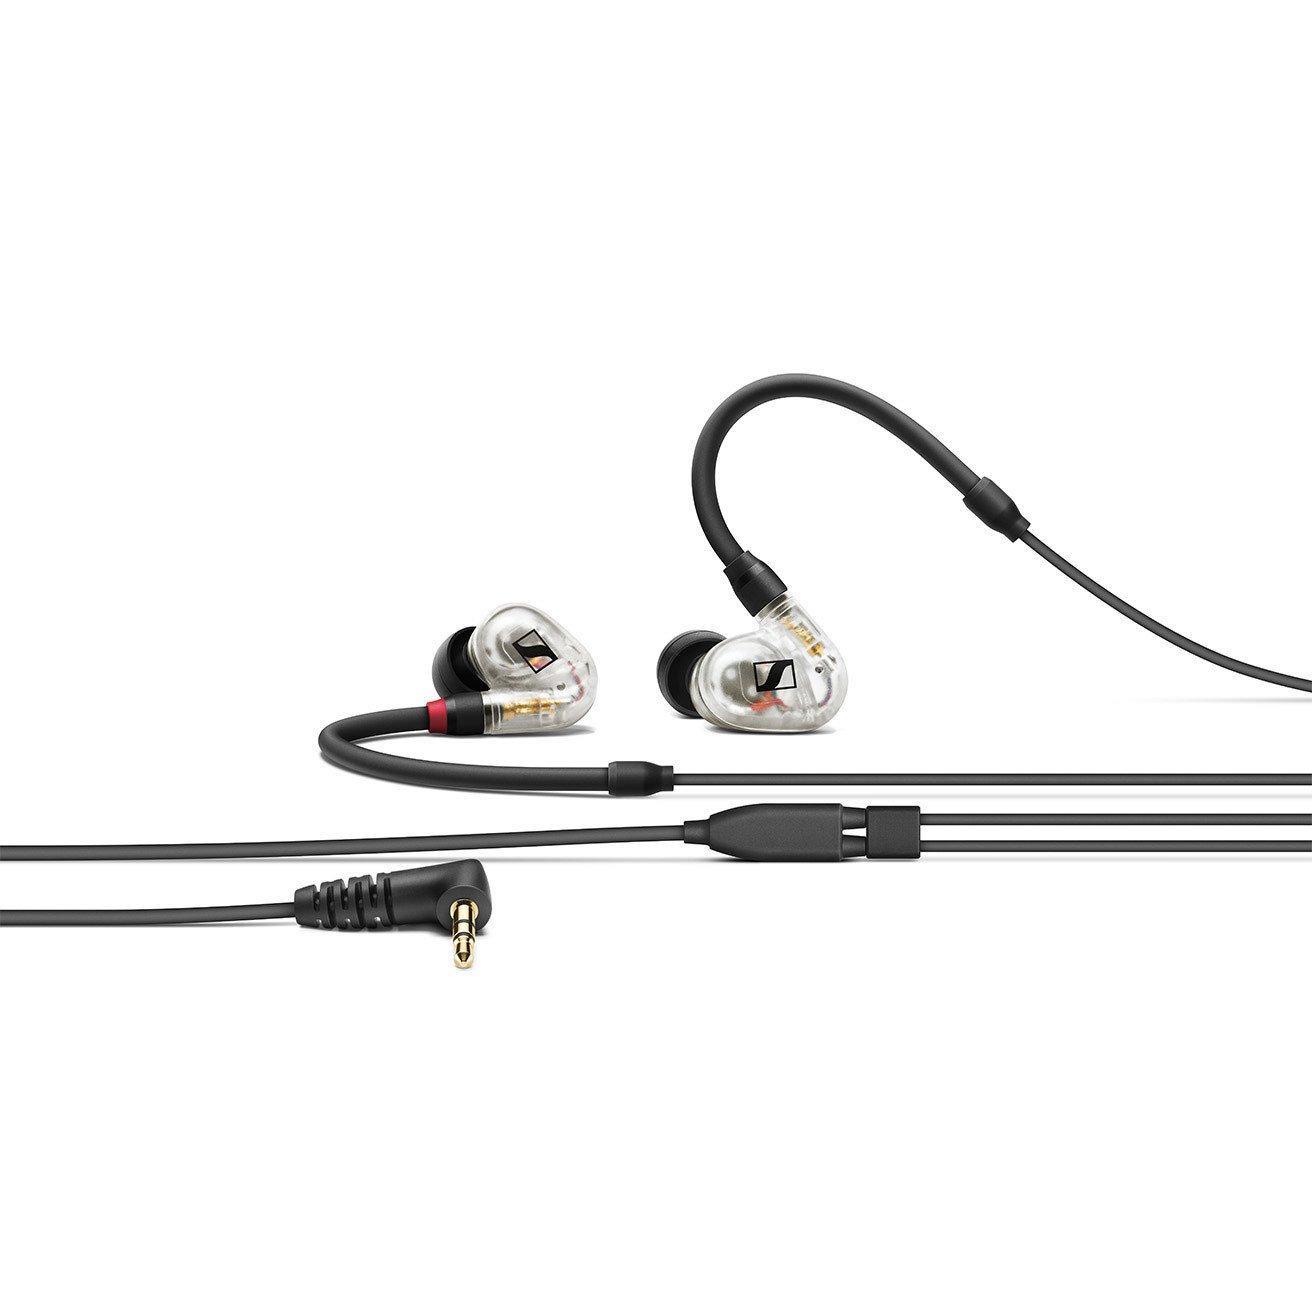 Sennheiser Ie 40 Pro Clear Auriculares In-Ear